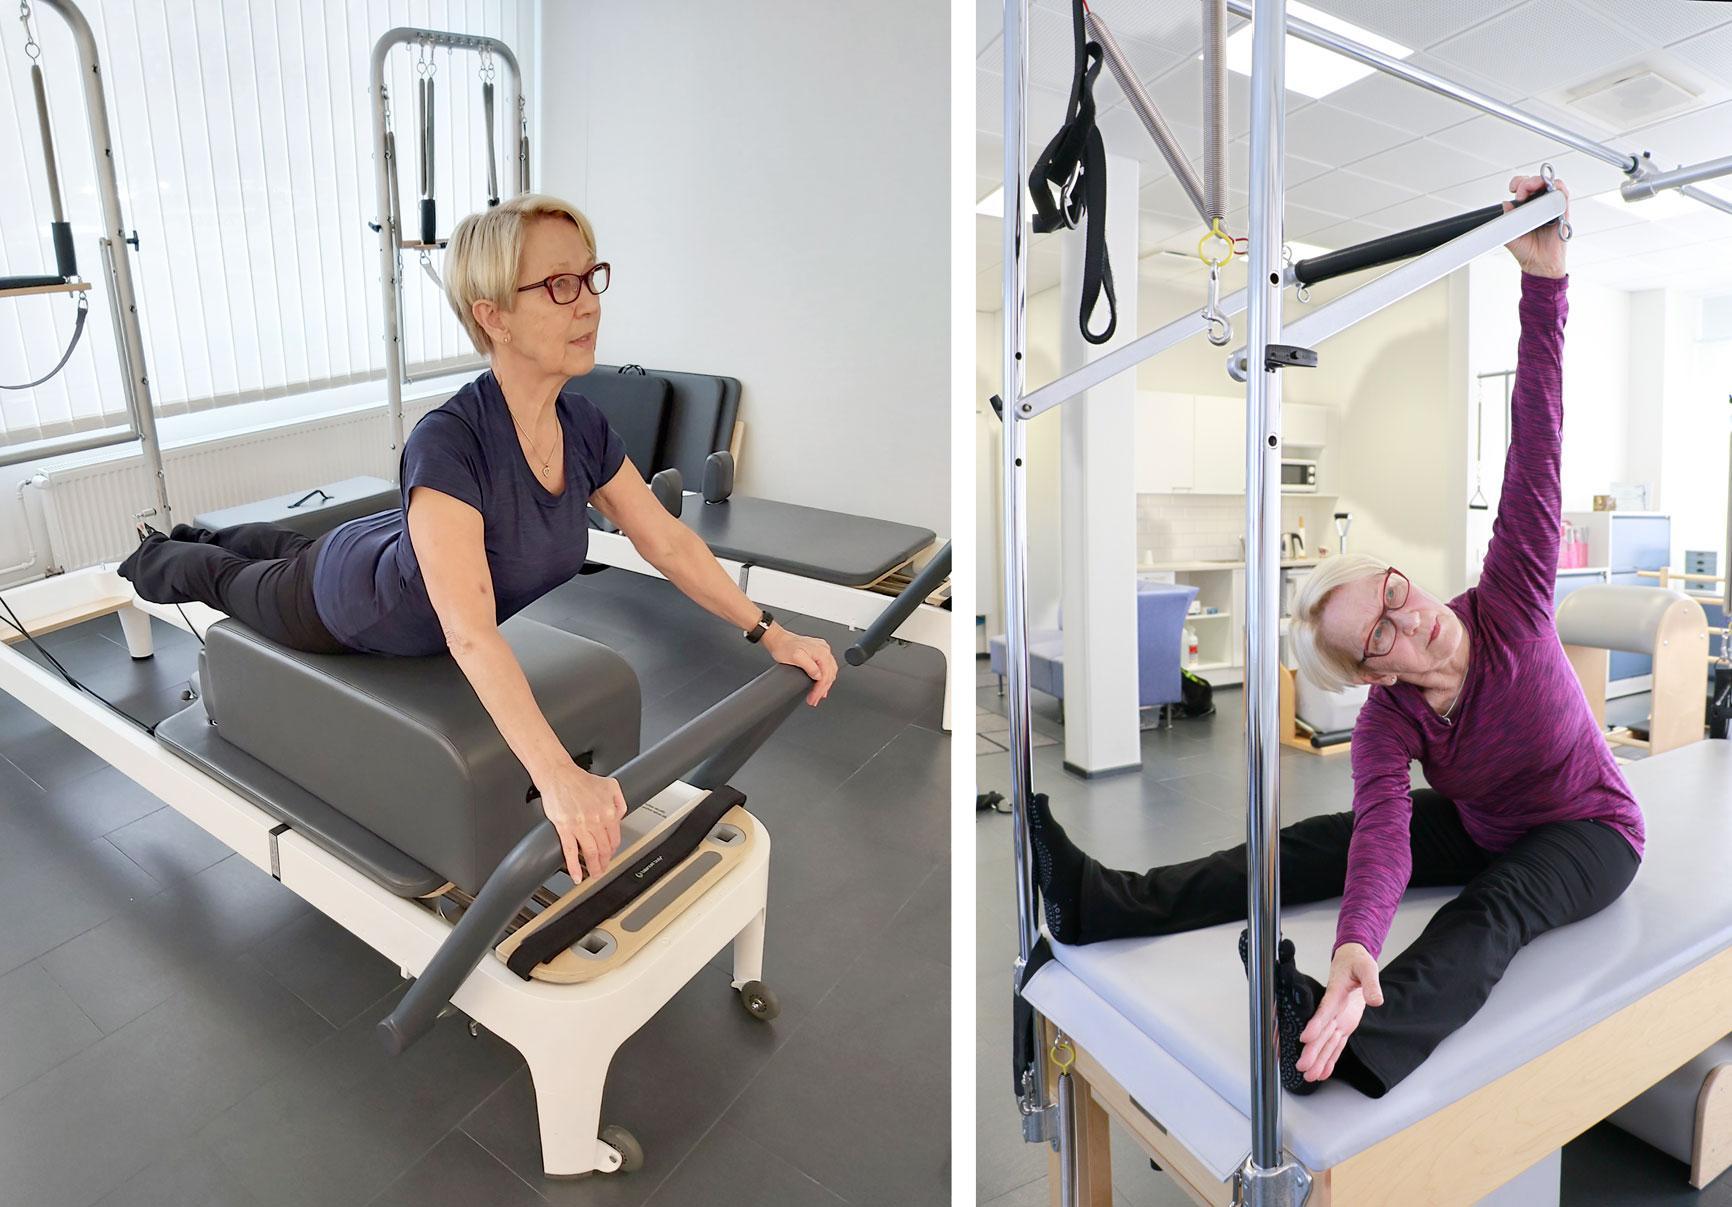 Pilates-menetelmässä on kuusi keskeistä periaatetta, jotka vahvistavat, parantavat ja tehostavat työskentelyn laatua. Marjo Raskin mukaan laitteet tekevät harjoittelusta miellyttävää ja tehokasta.